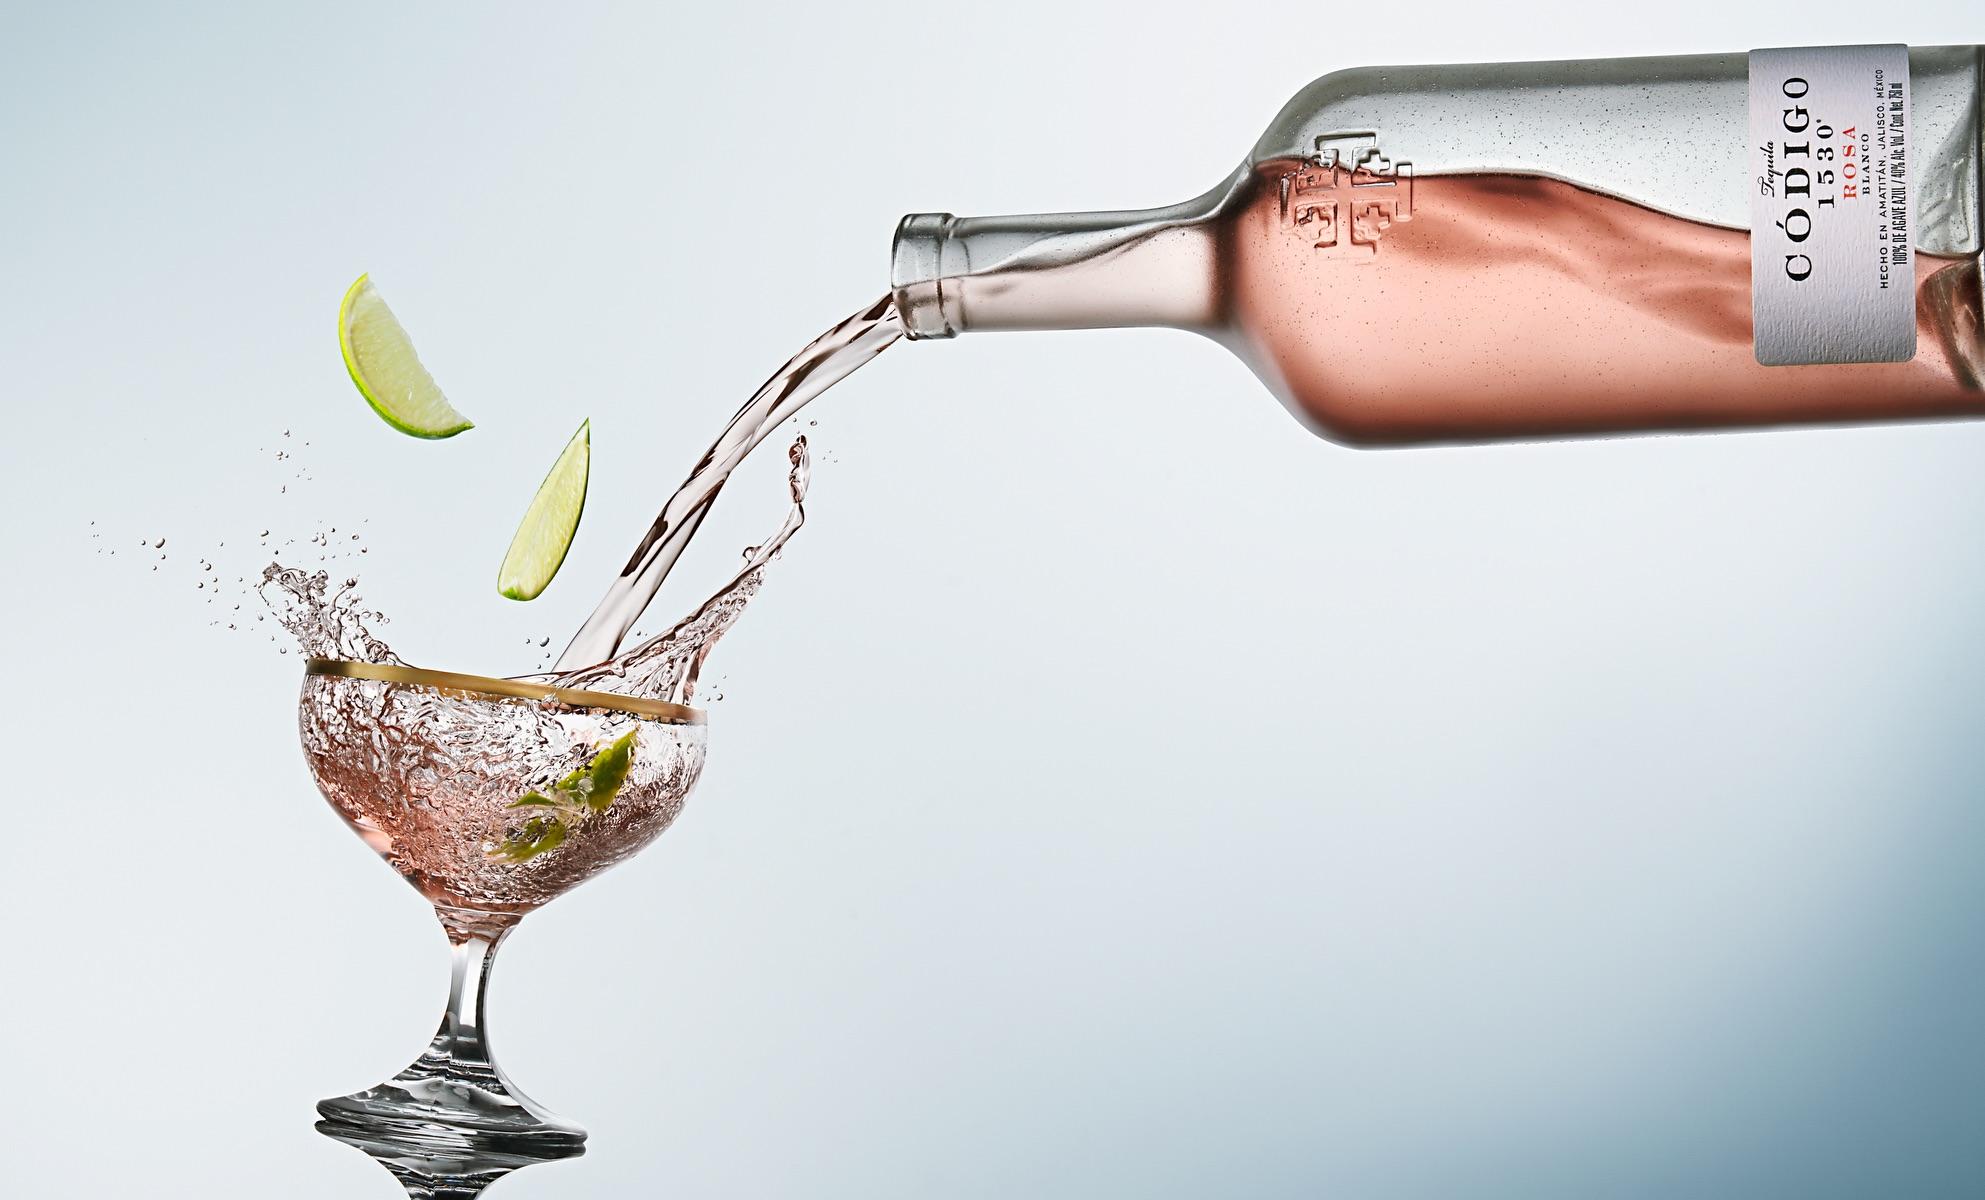 Código 1530 Rosa Tequila Recipes for National Tequila Day 2020